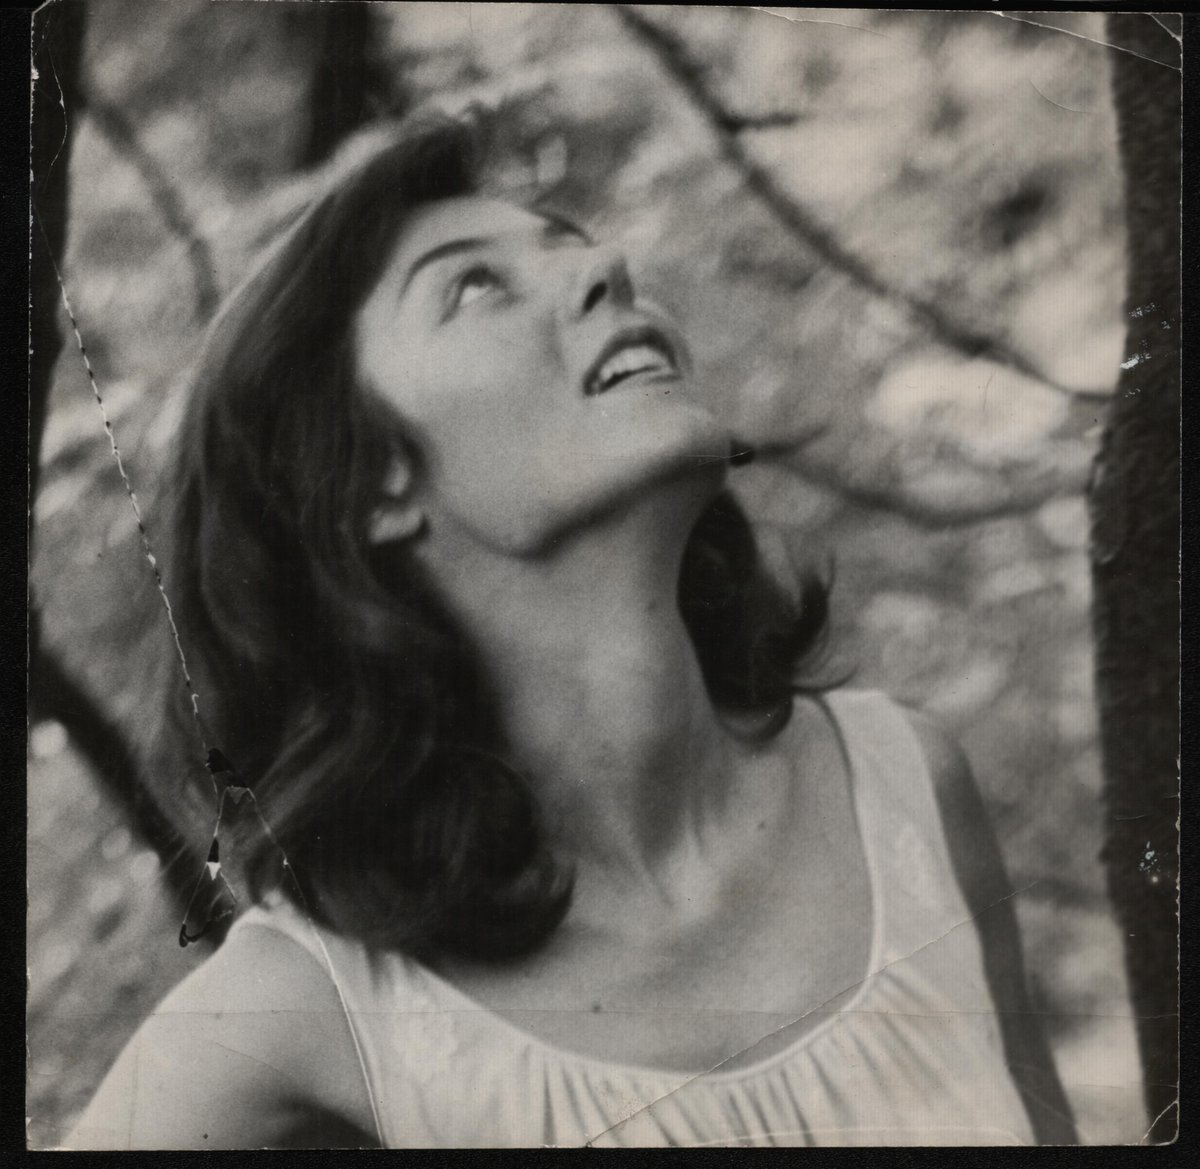 Bettina Cirone